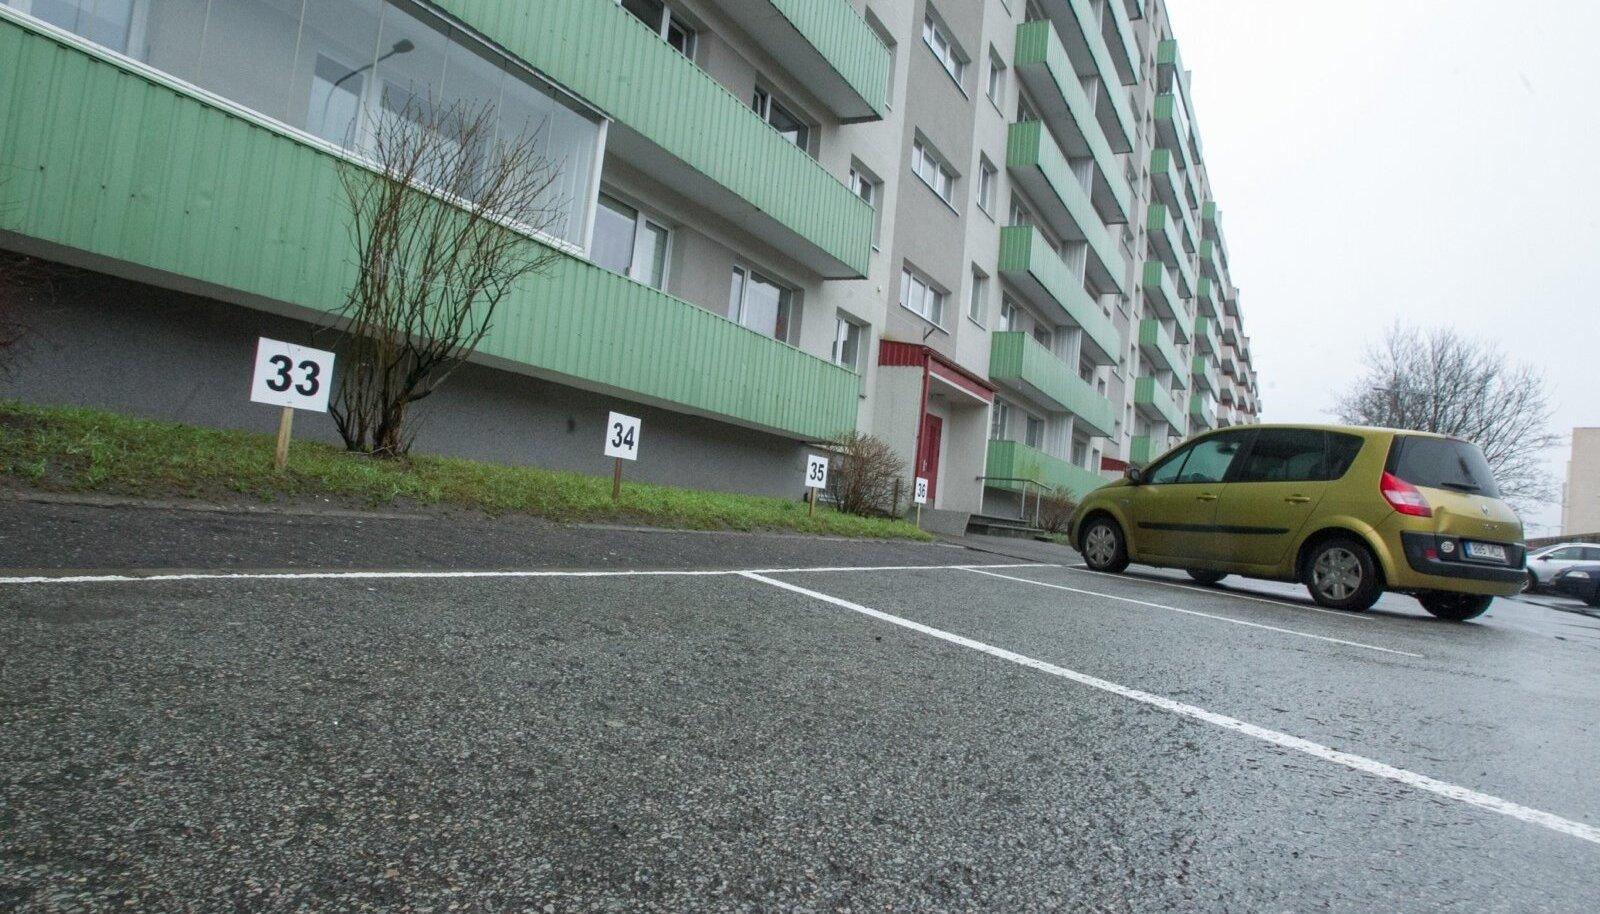 Mõelda, kui peaks elama korteris, mis väiksem kui parkimiskoht. Pilt on illustreeriv.